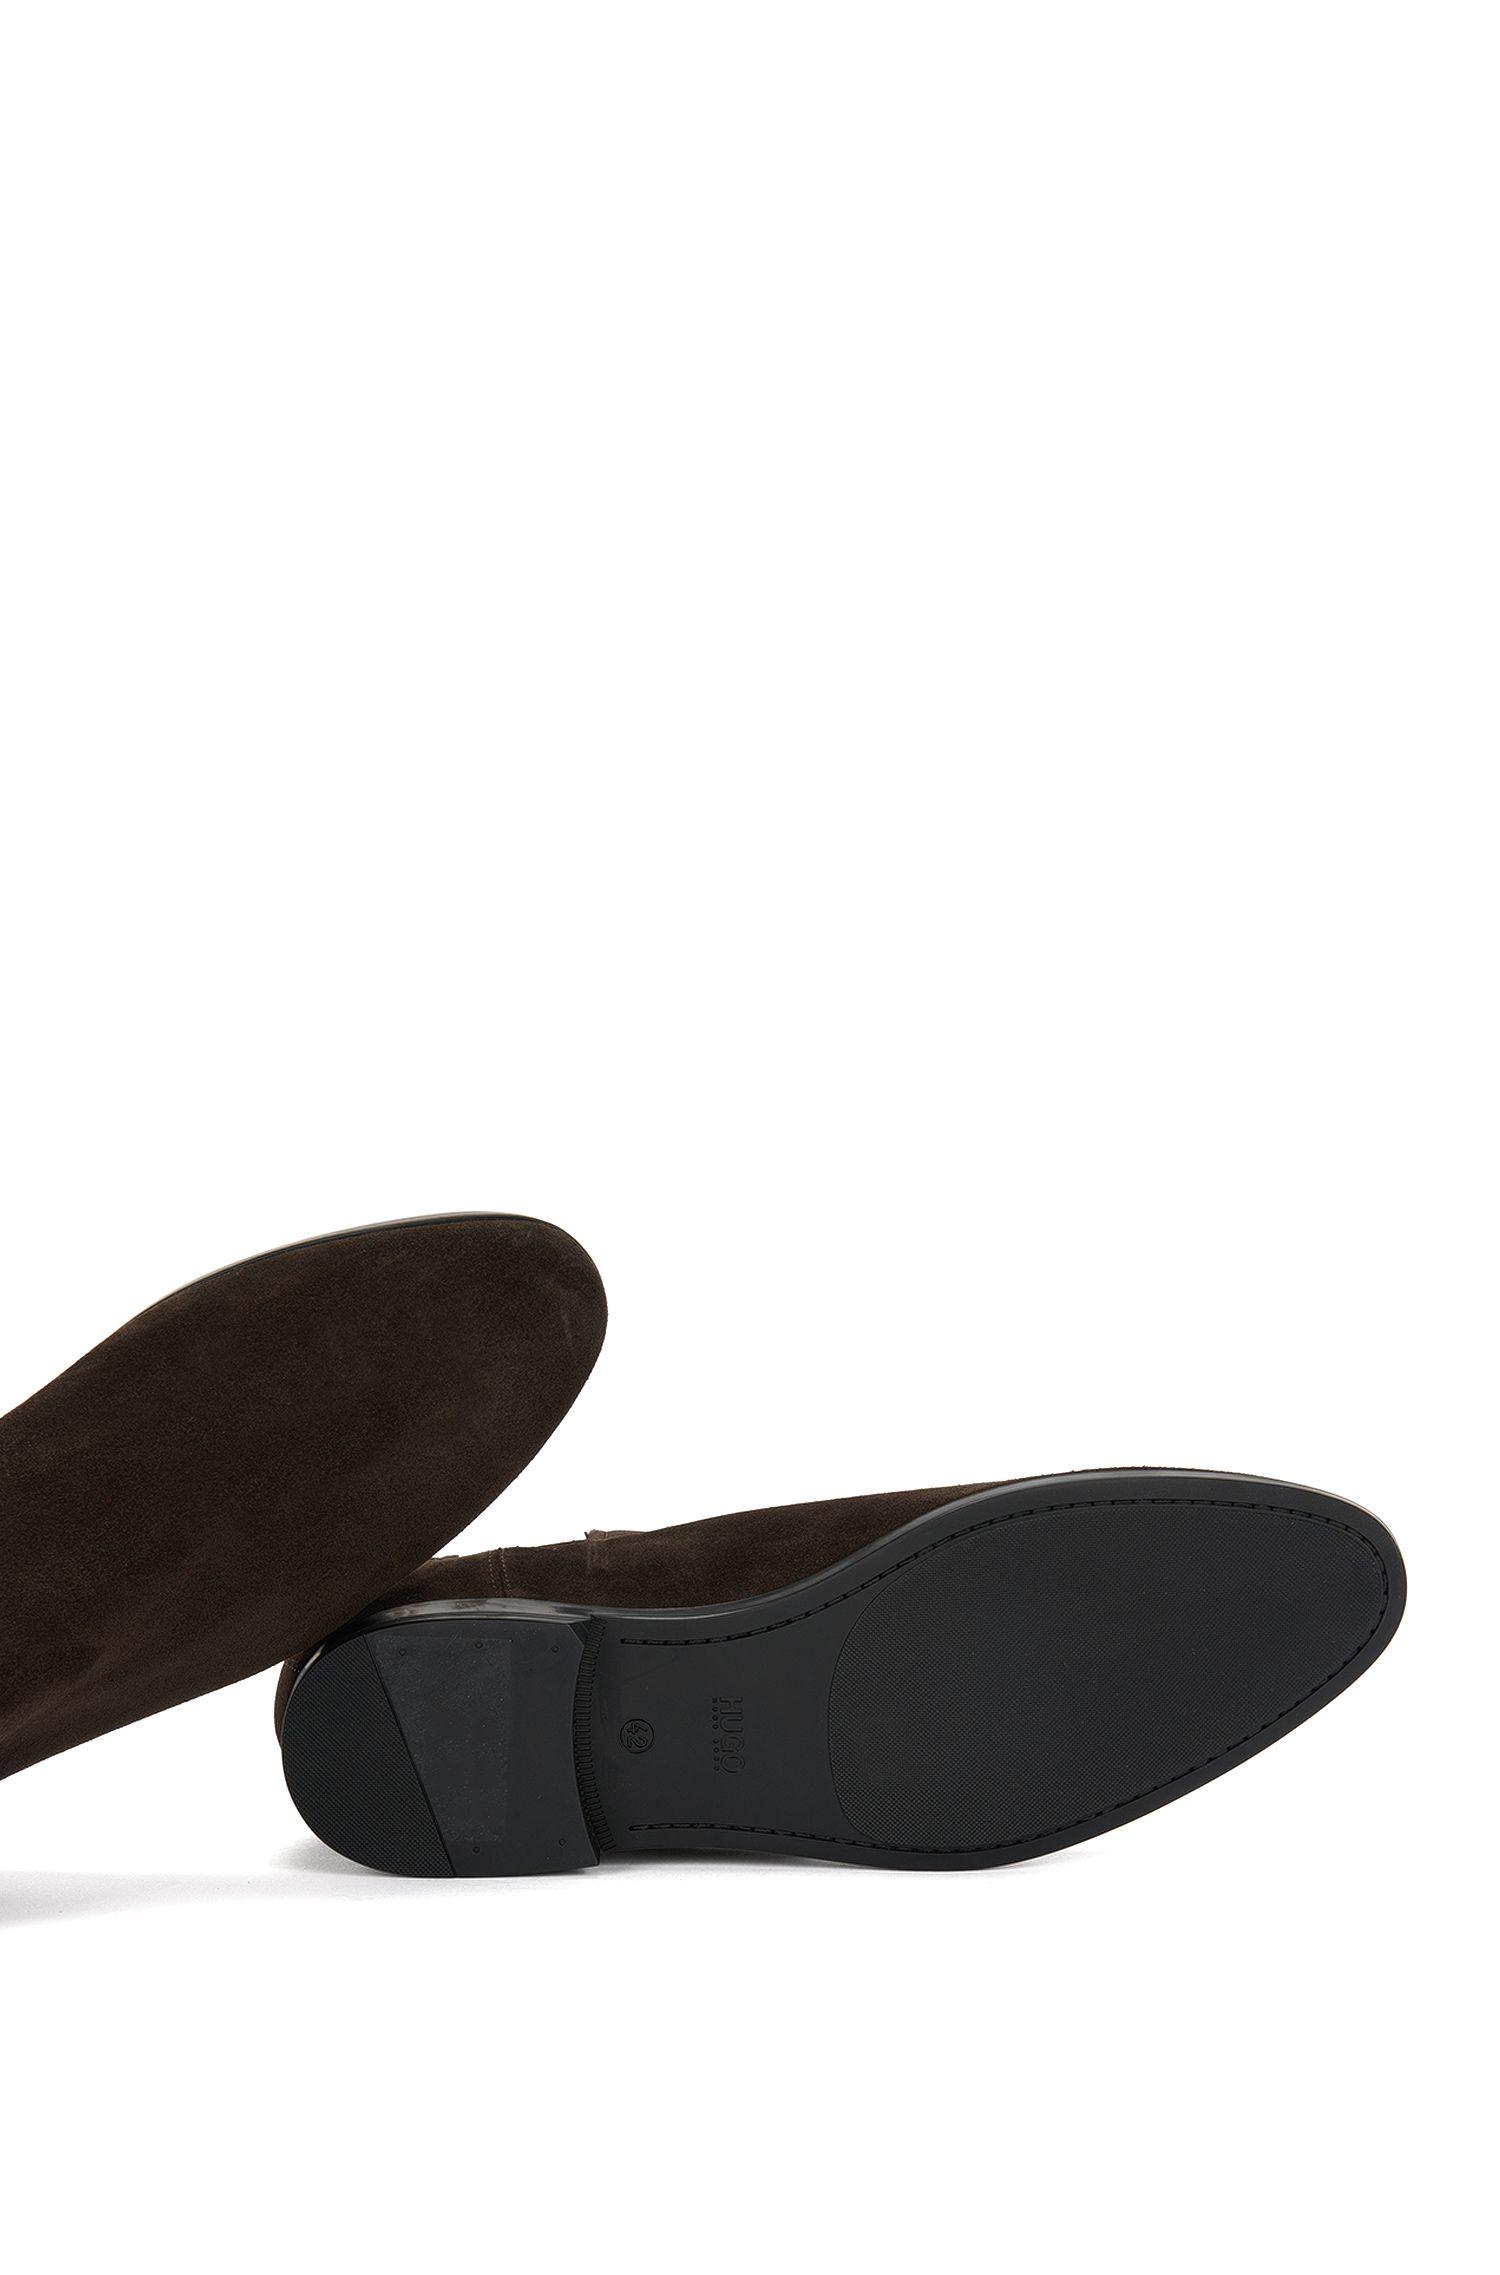 Chelsea Boots aus Veloursleder: 'Pariss_Cheb_sd'